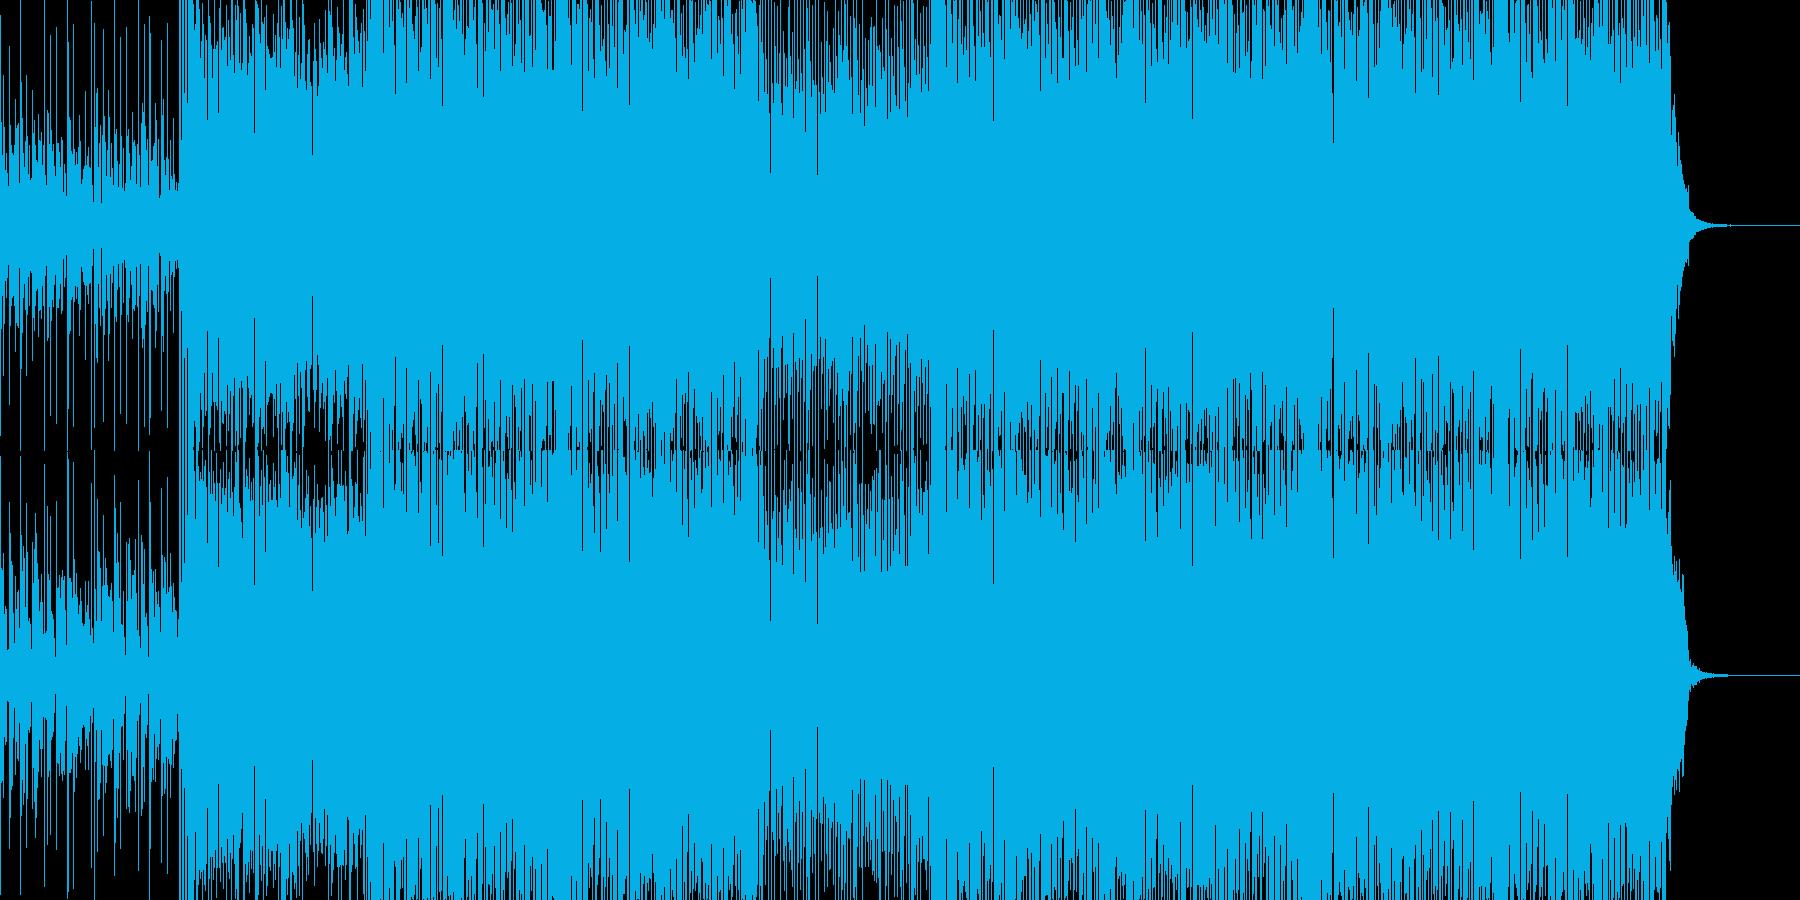 スピード感あるおしゃれなハウス系BGMの再生済みの波形